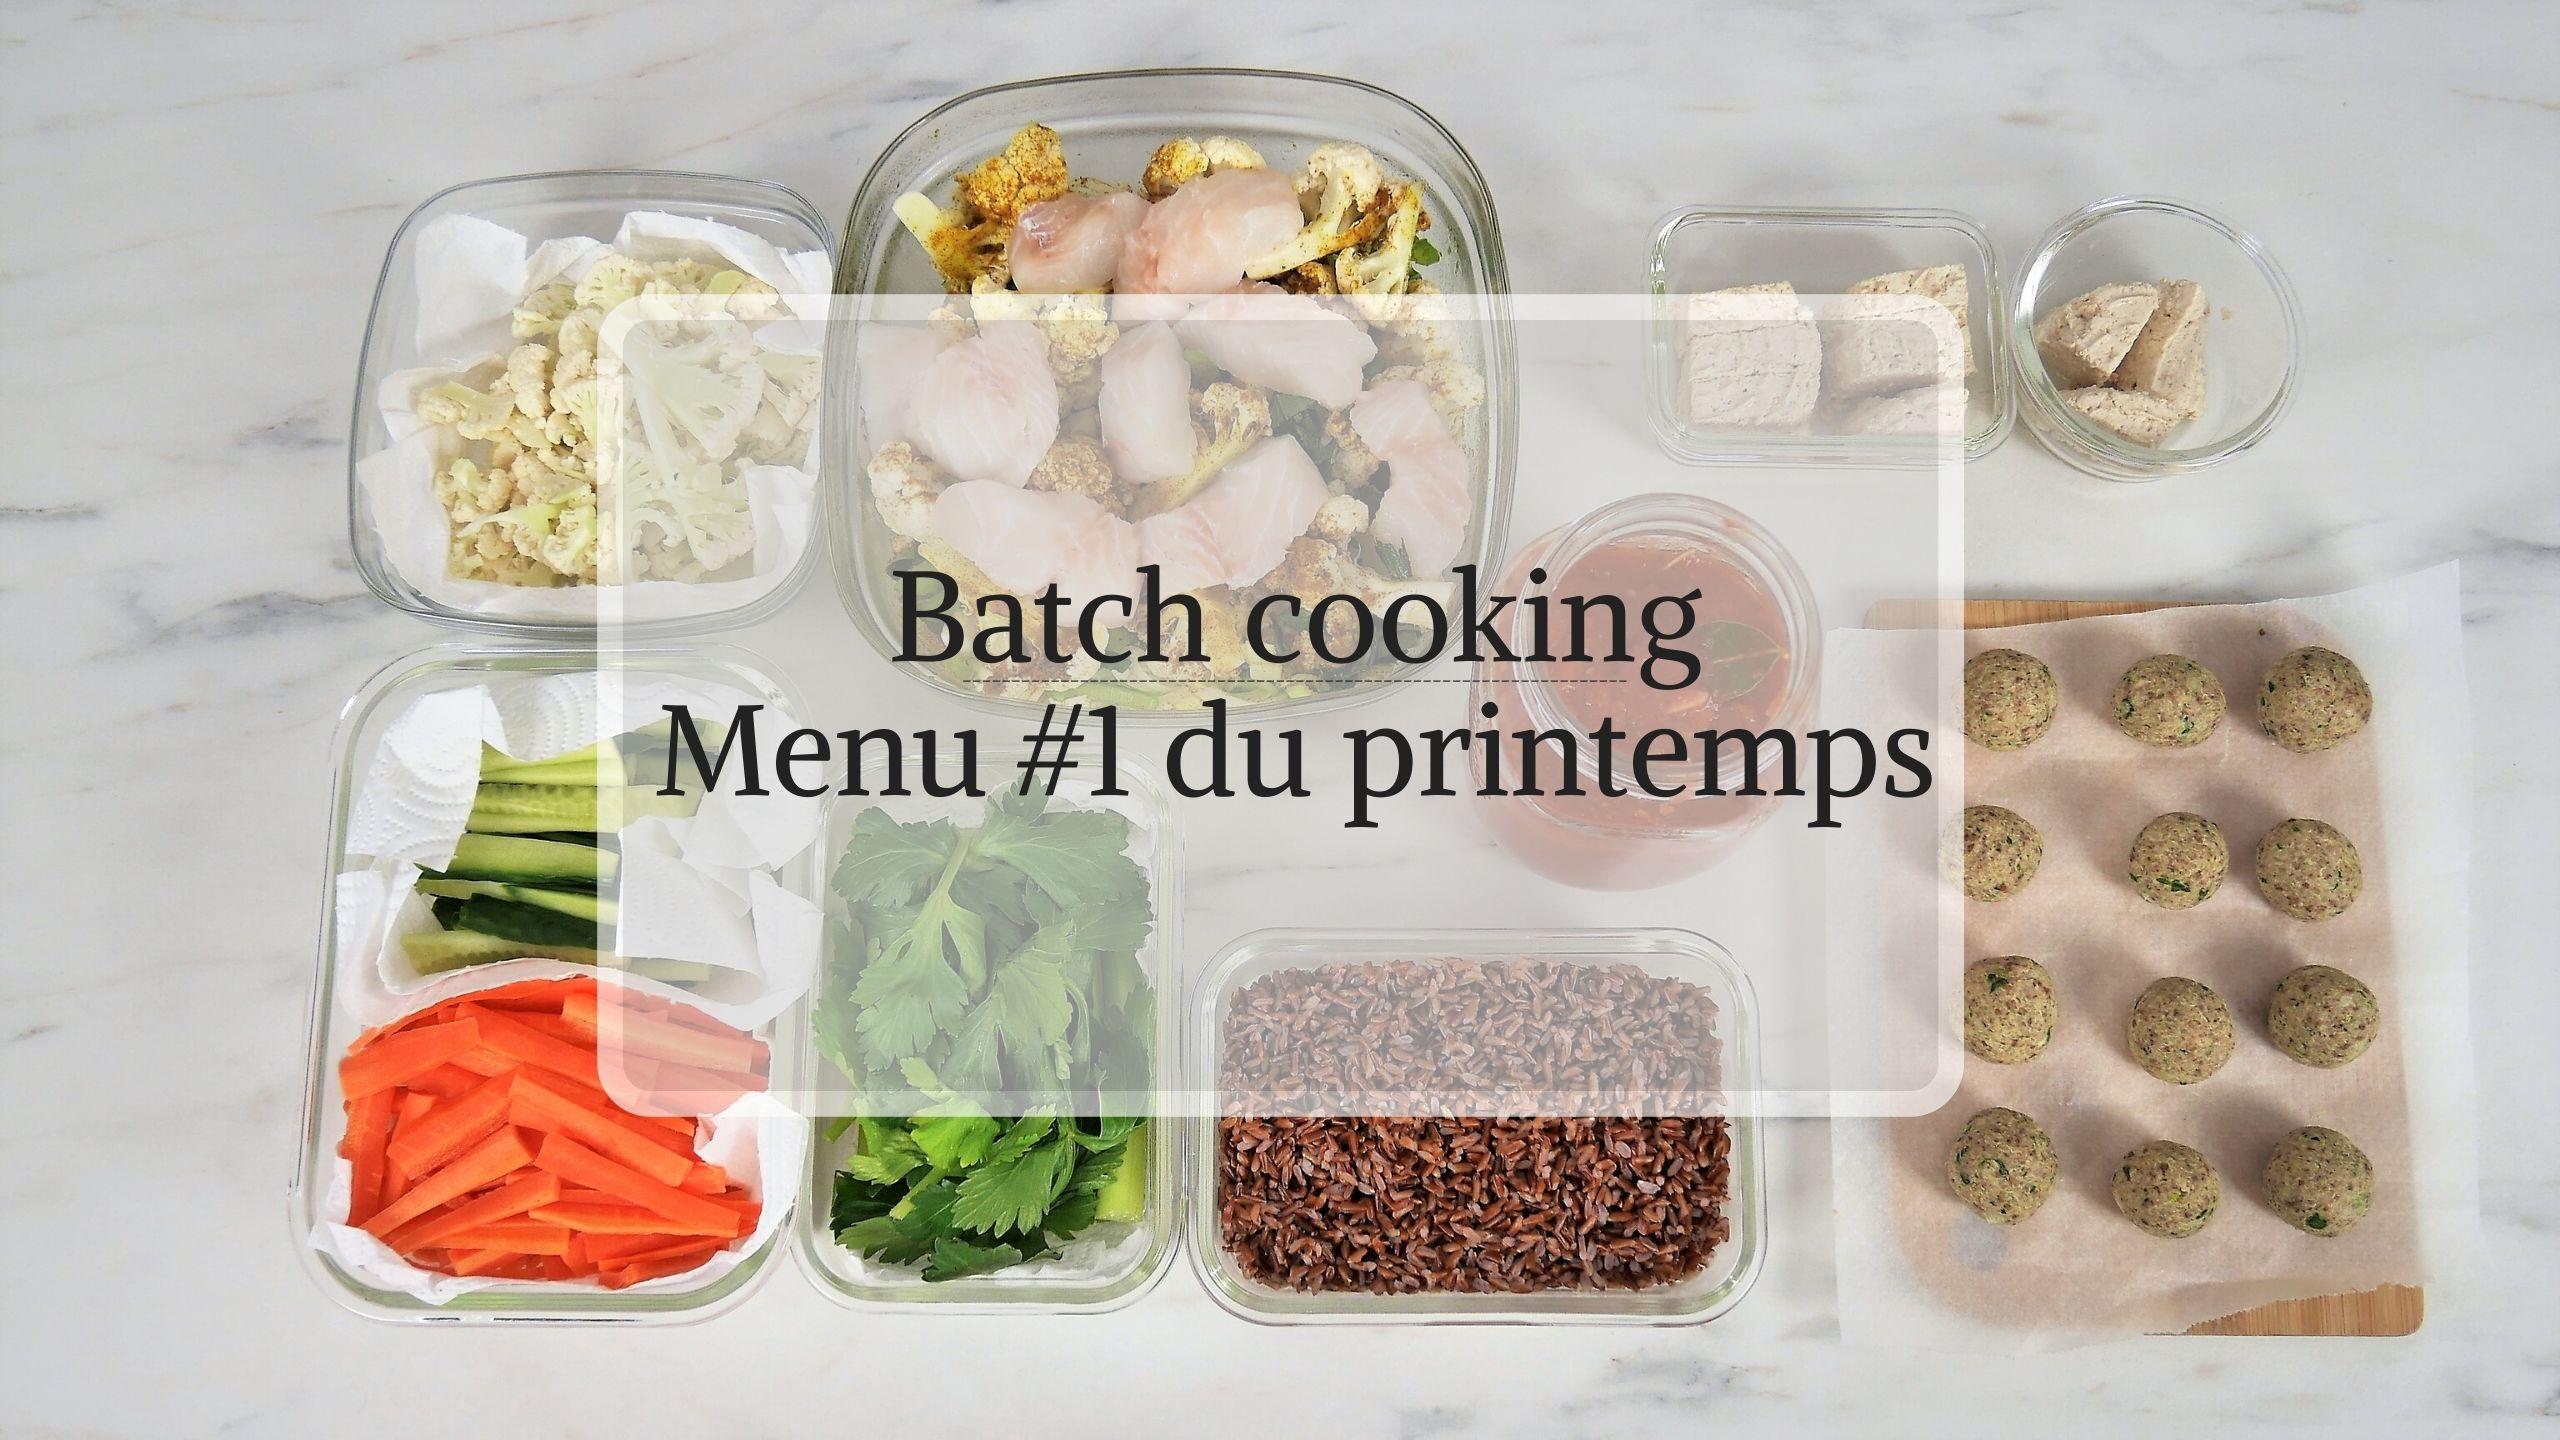 Batch cooking menu printemps #1 pour se préparer au soleil